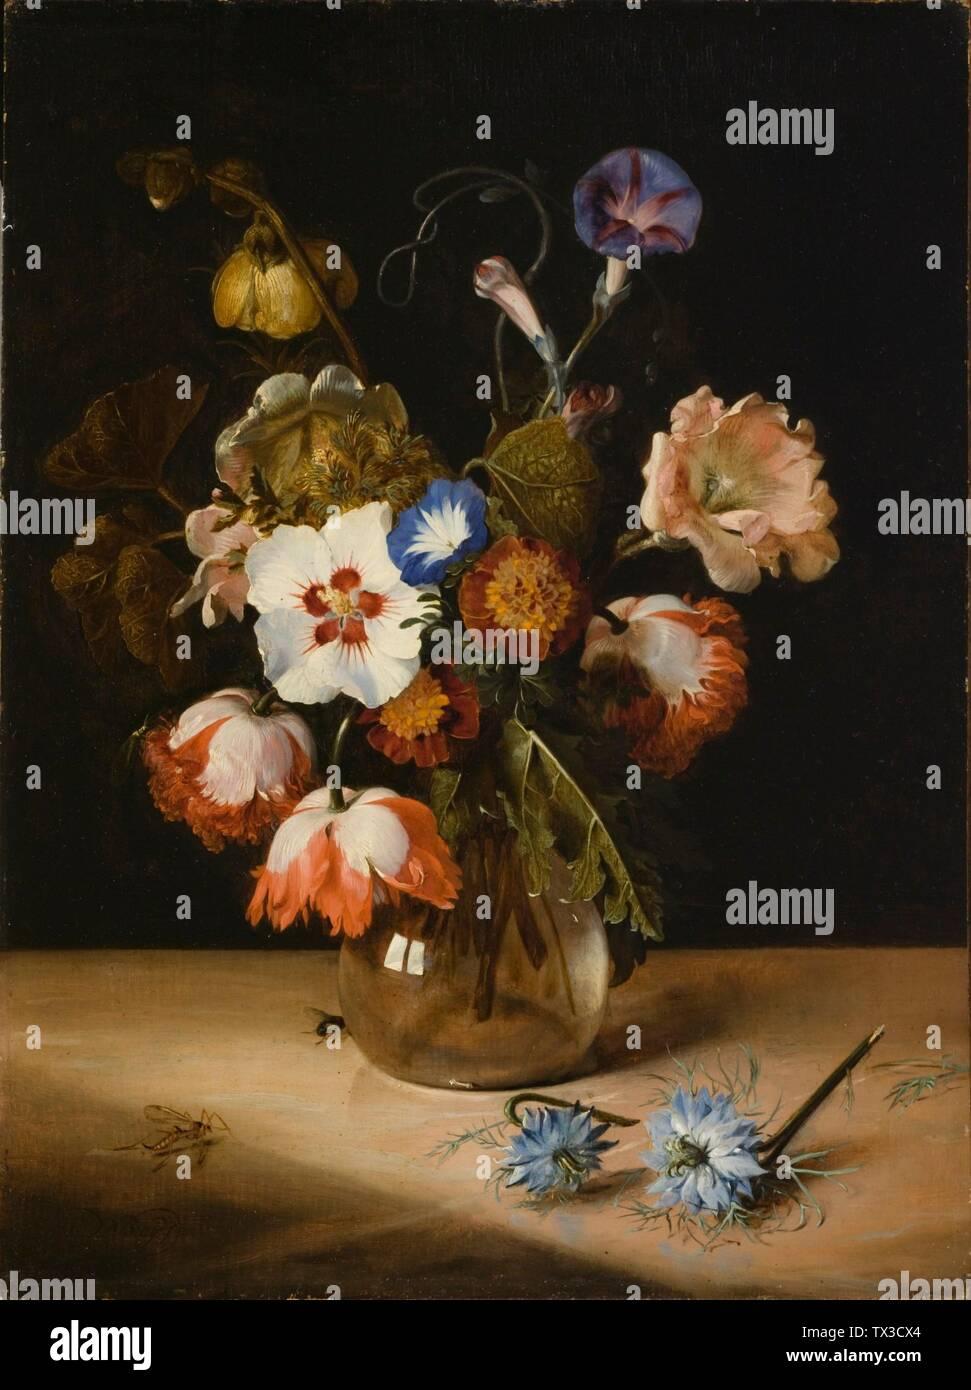 Flores en una jarrón de cristal; 1671 Pinturas aceite en lienzo de madera: 19 x 14 pulg. (48.26 x 35.63 cm); encuadre: 25 x 20 1/2 x 2 pulg. (63.5 x 52.07 x 5.08 cm) Regalo del Sr. y de la Sra. Edward William Carter (M.169.106.4) Pintura europea Actualmente en vista pública: Edificio Ahmanson, piso 3; 1671date QS:P571,+1671-00-00T00:00:00Z/9; Foto de stock